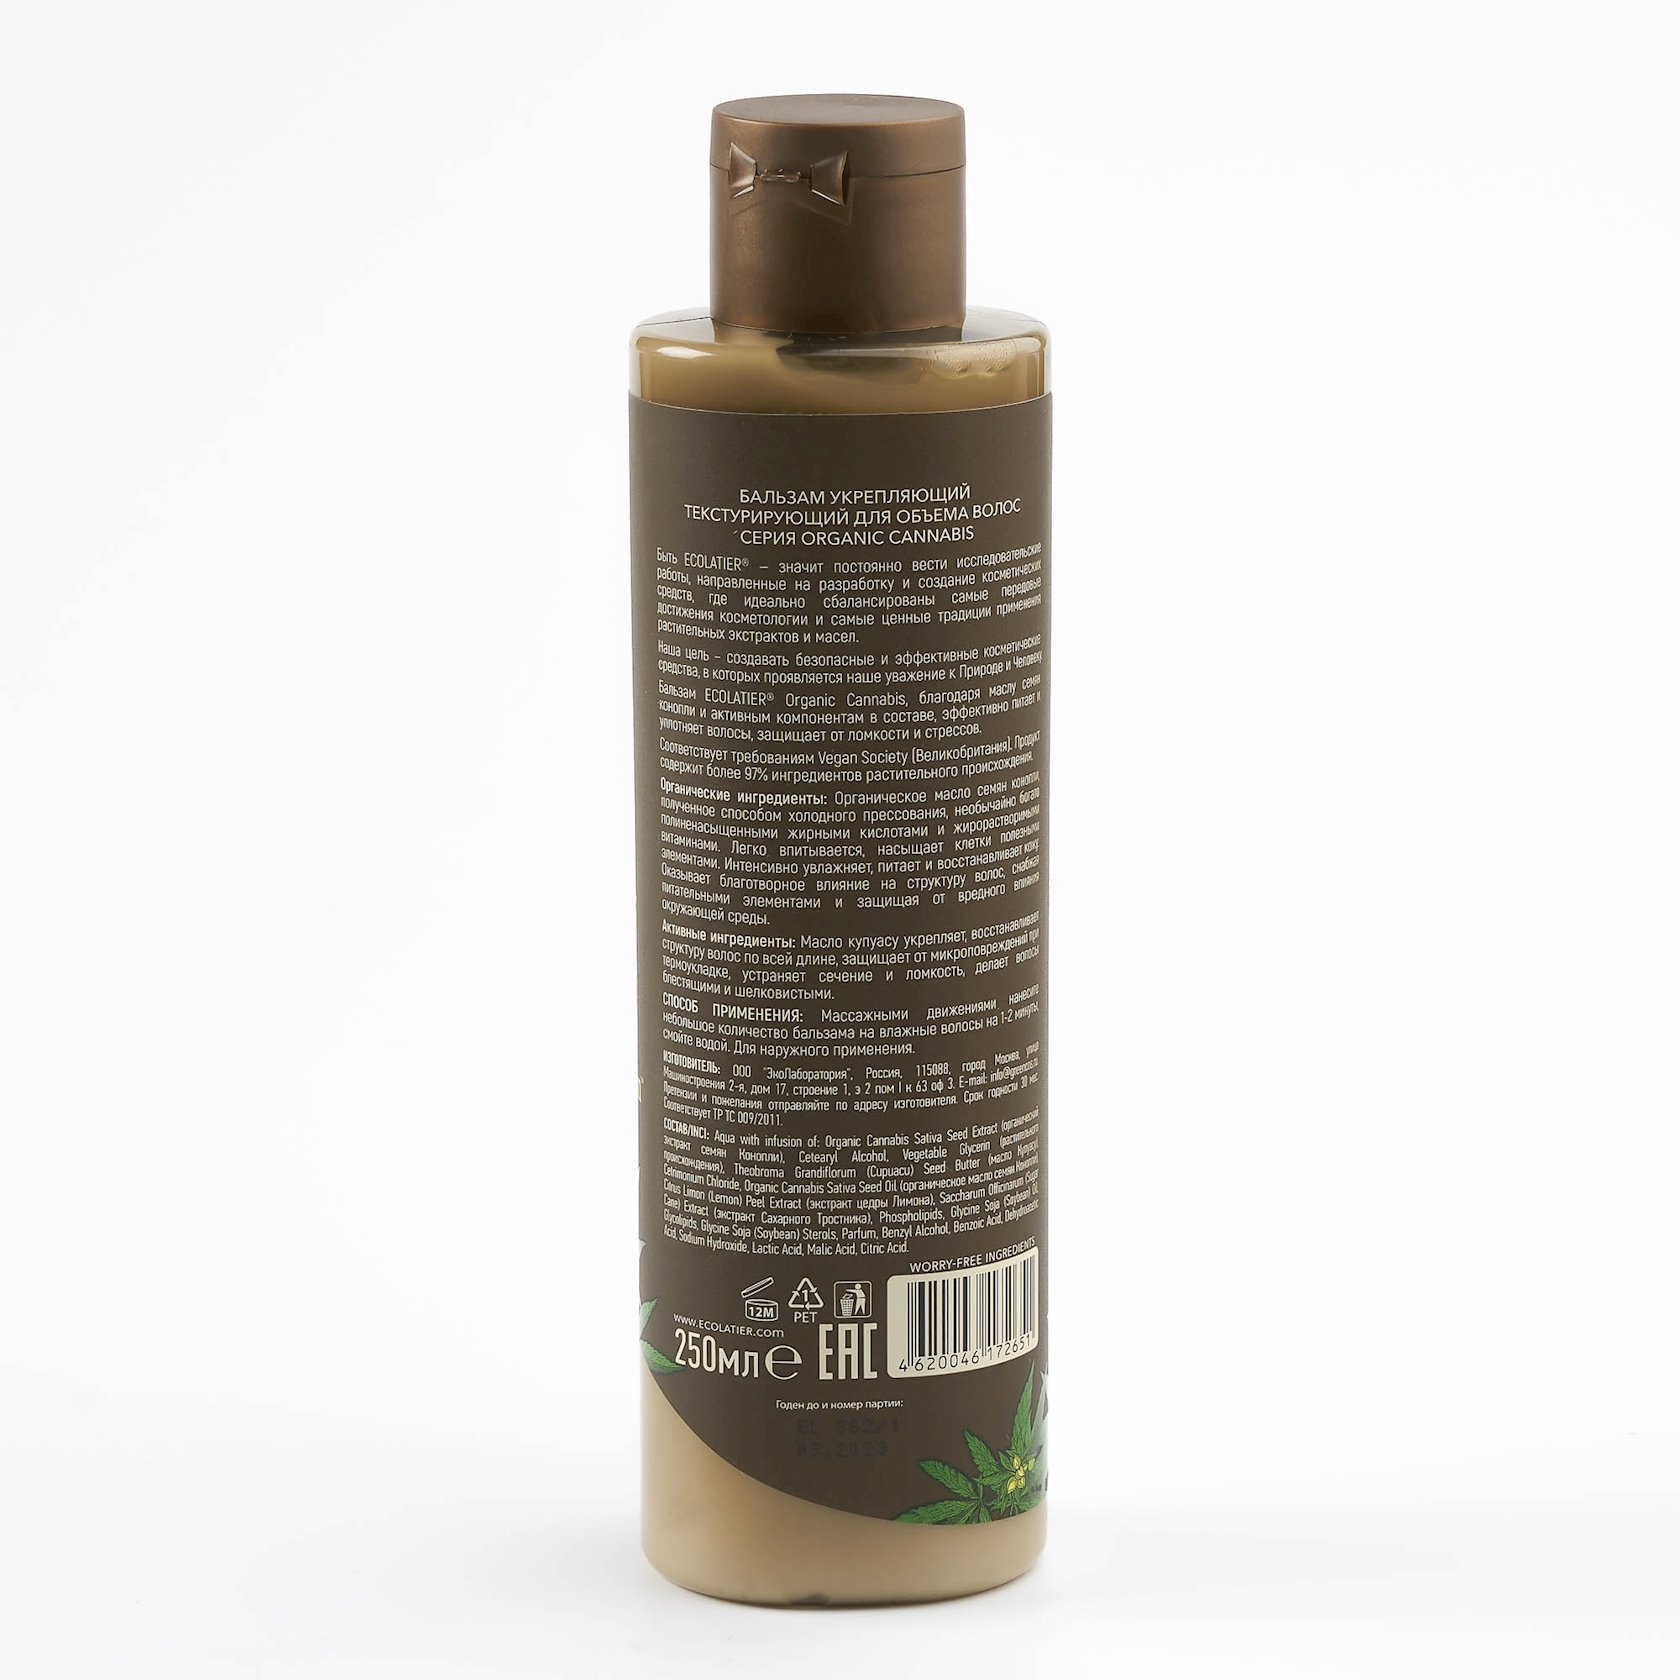 Balzam Ecolatier Organic Cannabis saç üçün Möhkəmləndirici və toxumalı 250 ml